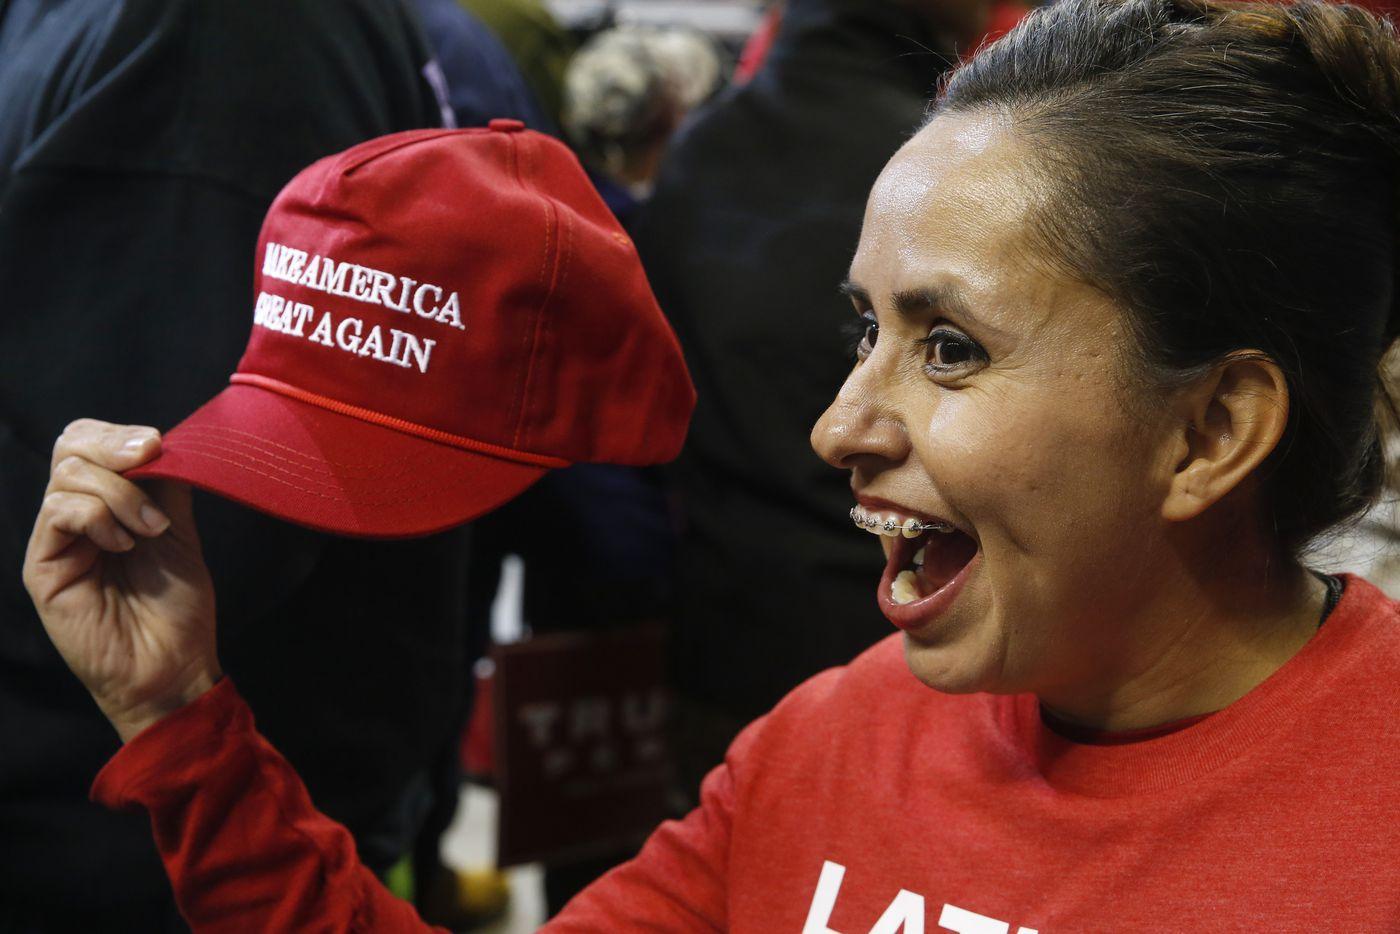 Les fans de la star montante conservatrice des médias sociaux, Martha Doss, la prennent en photo alors qu'elle tient un